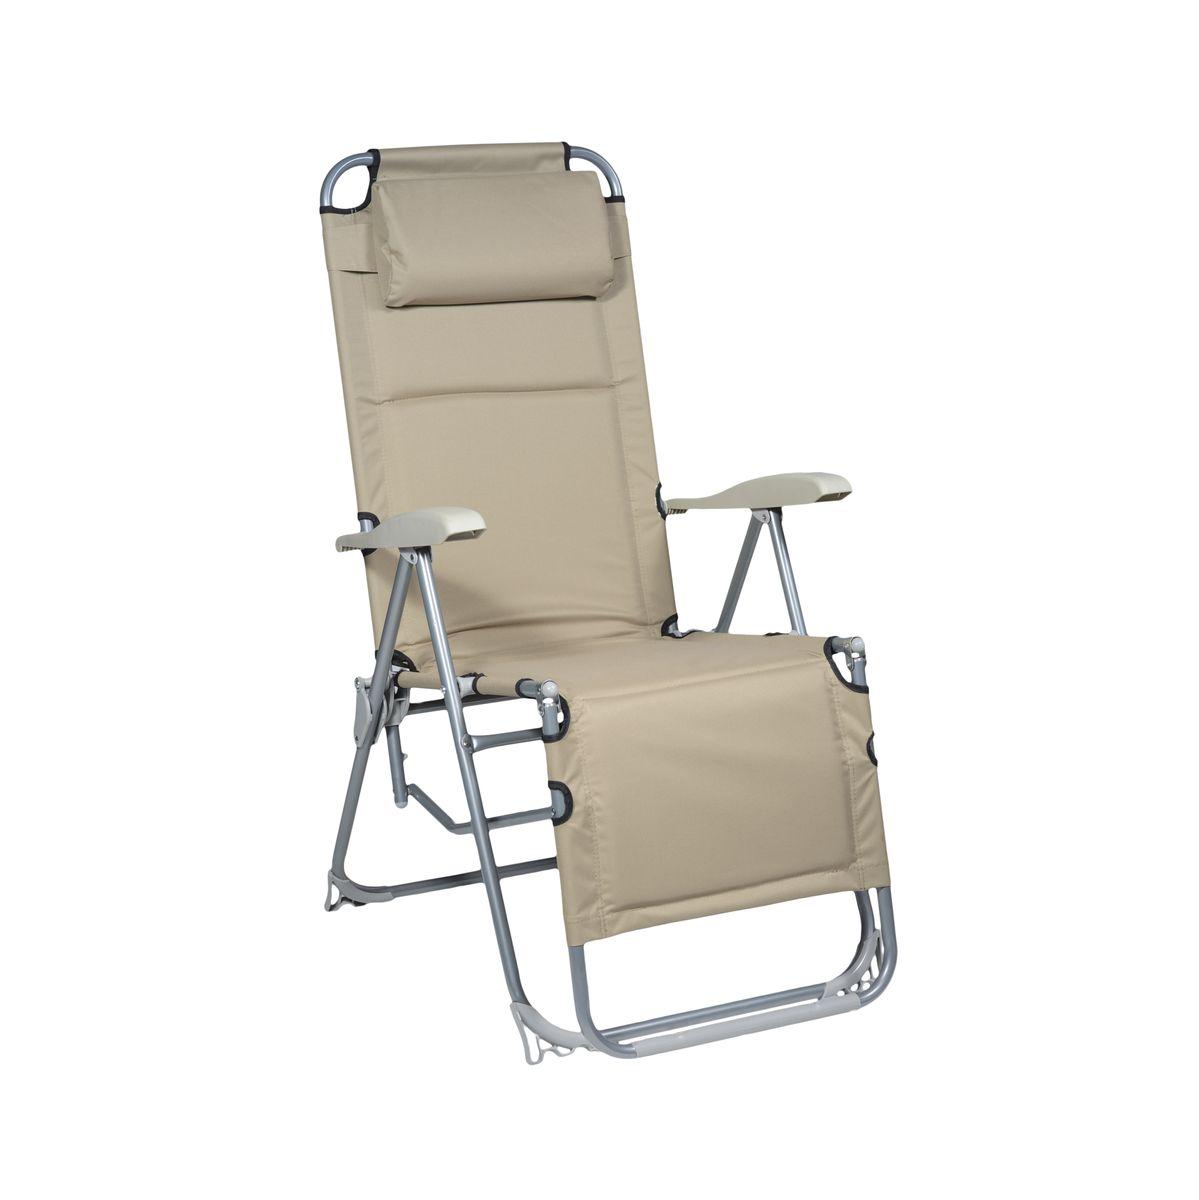 Кресло складное Green Glade, 52 см х 52 см х 46/110 см410027Складное кресло Green Glade предназначено для создания комфортных условий в туристических походах, рыбалке и кемпинге. Высота кресла до сидения: 46 см. Особенности: Компактная складная конструкция. Прочный стальной каркас 22 мм. Прочный полиэстер с поливиниловым покрытием. Пластиковые подлокотники.